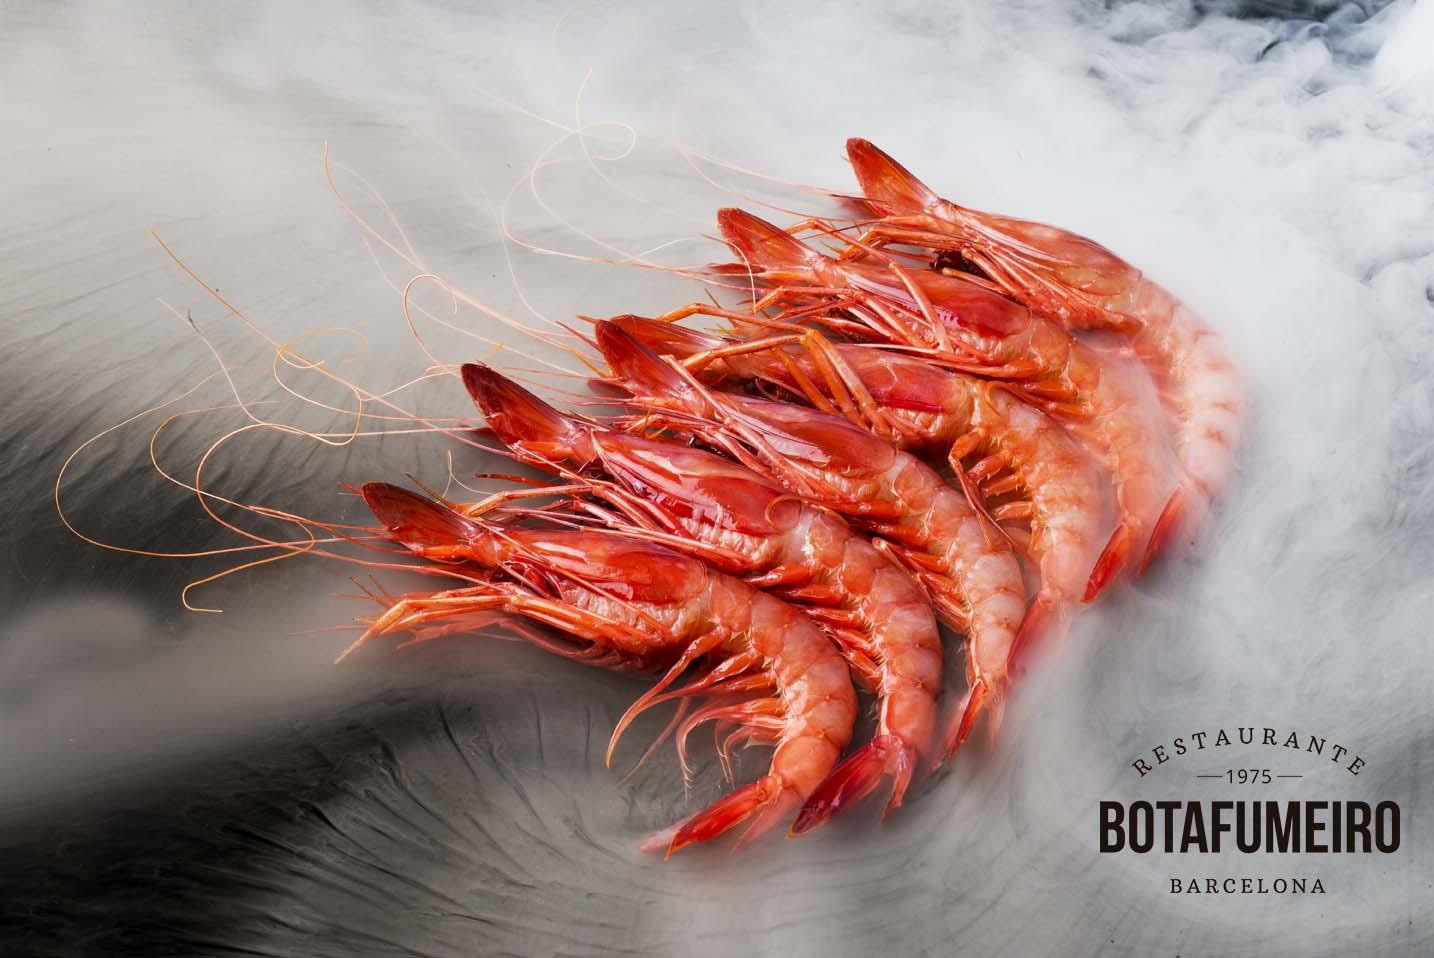 Botafumeiro Live Cooking